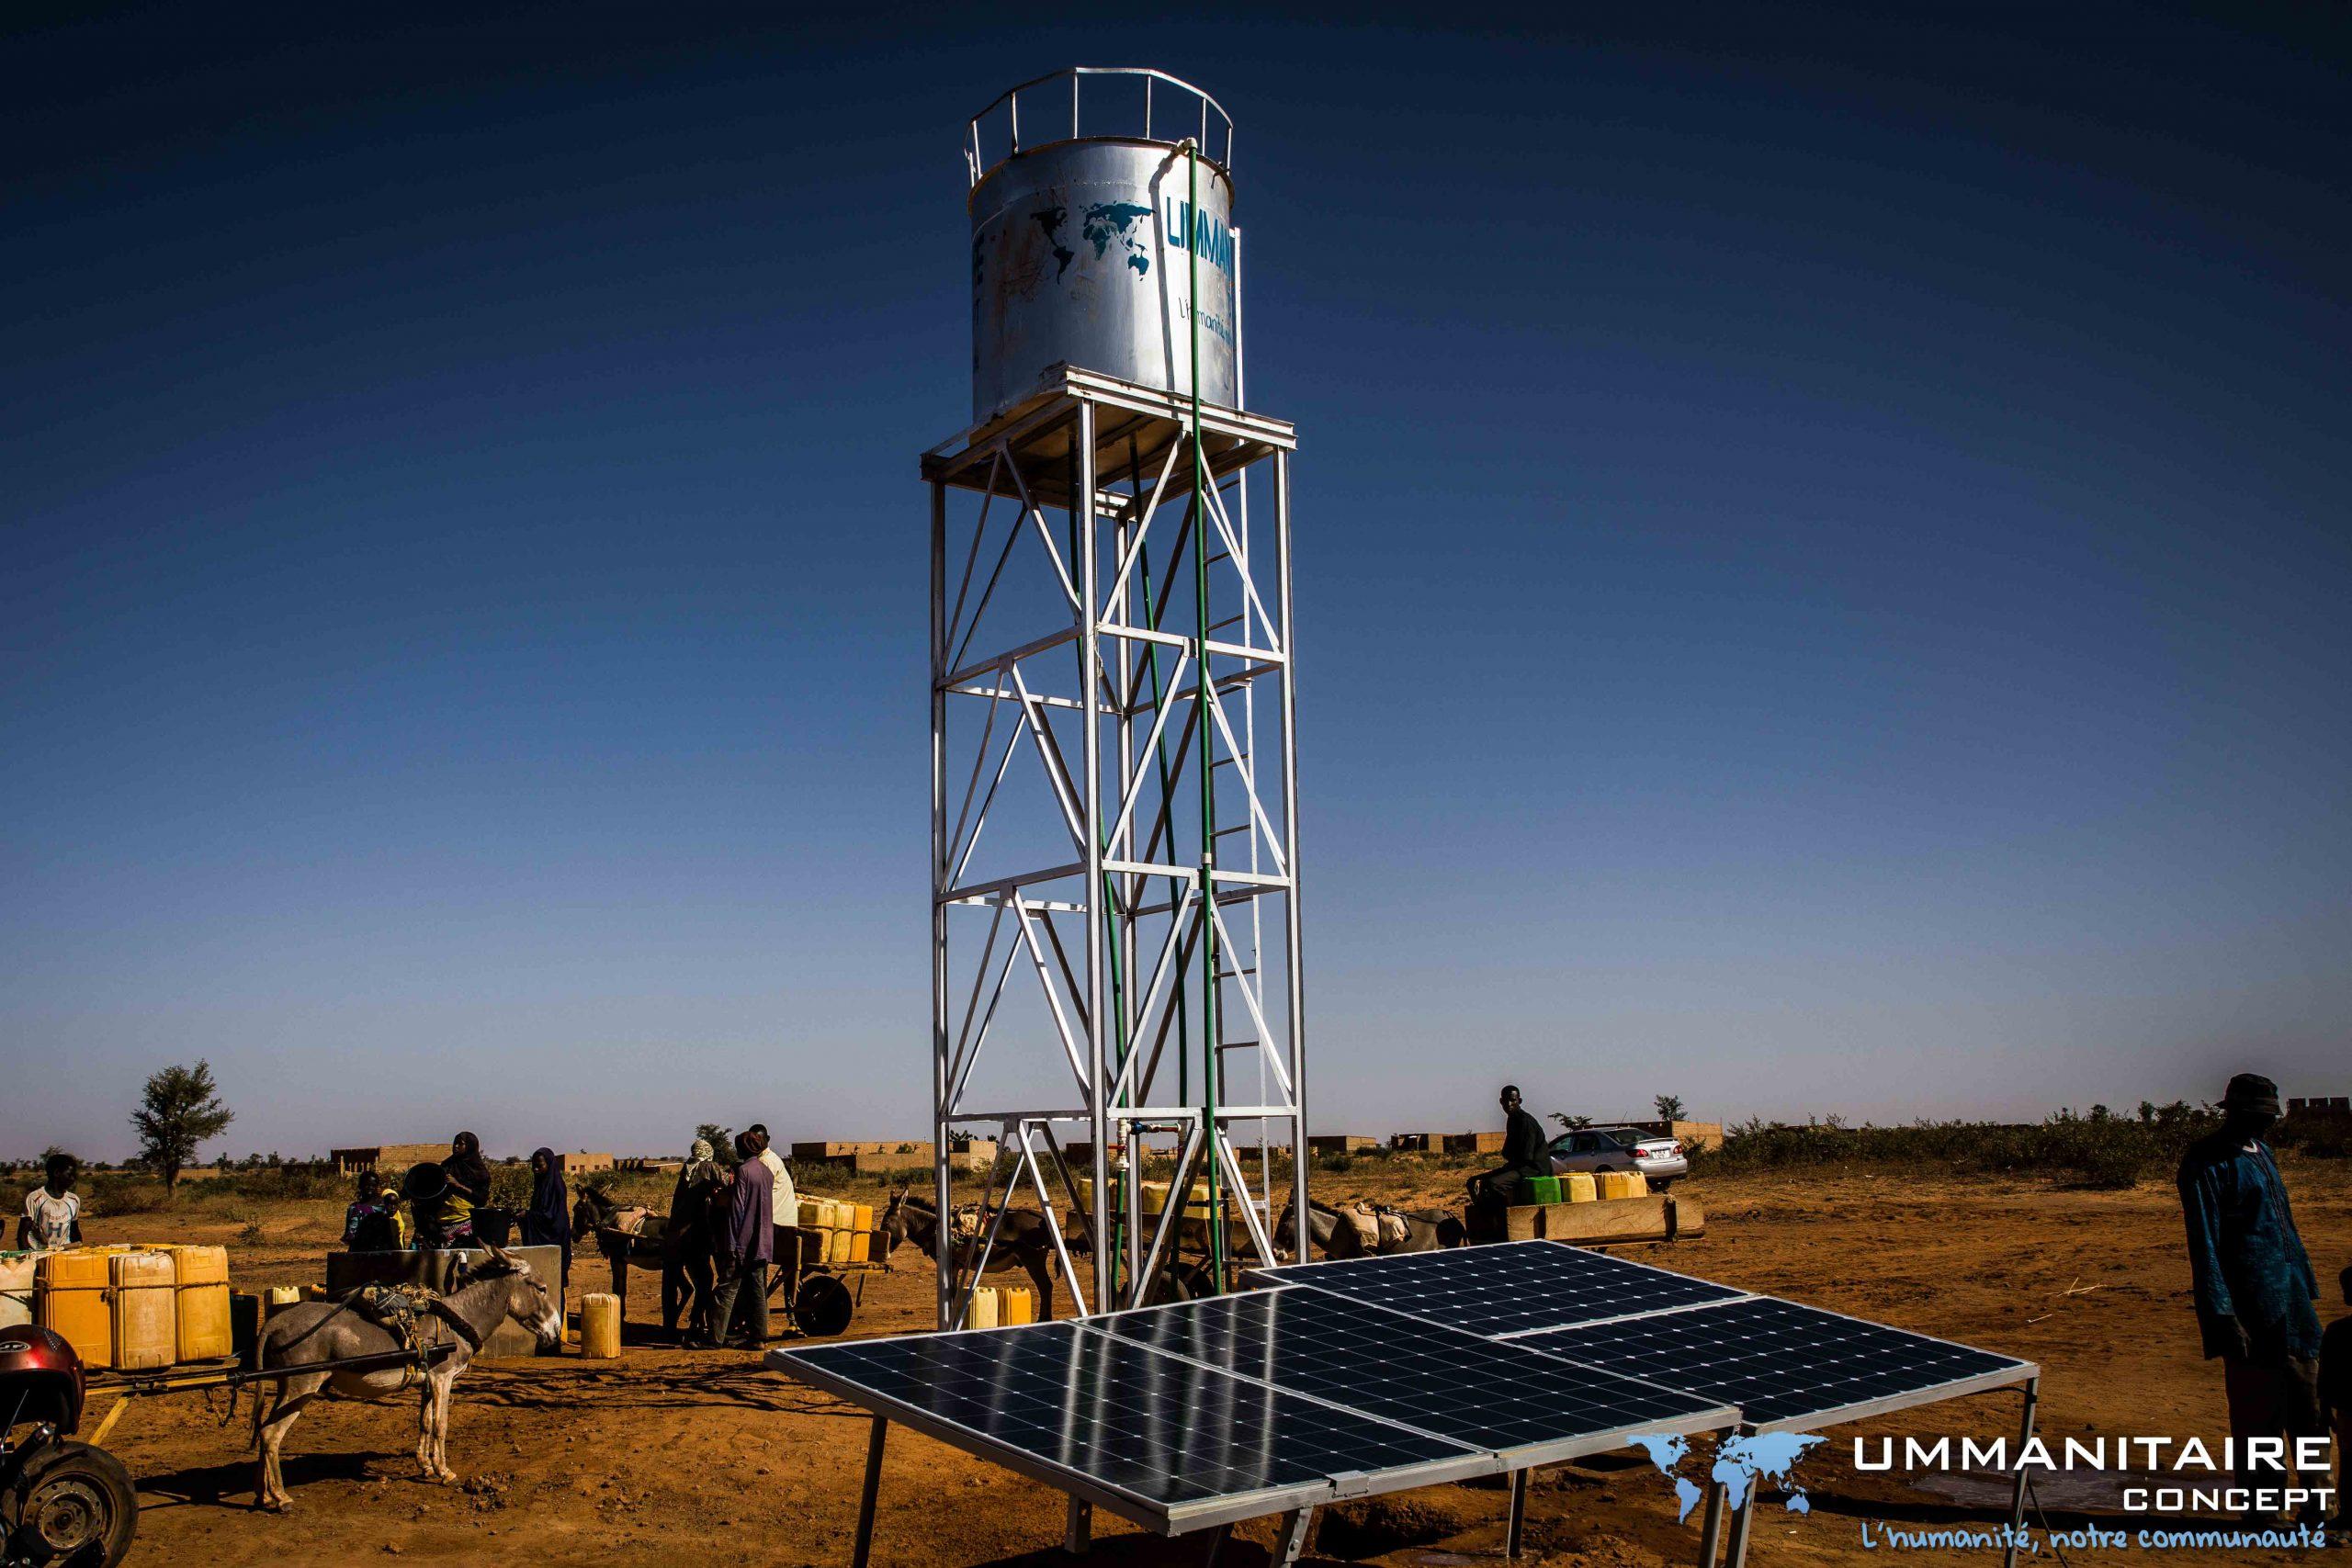 Chateau d'eau en Inox avec photovoltaique et comité de gestion